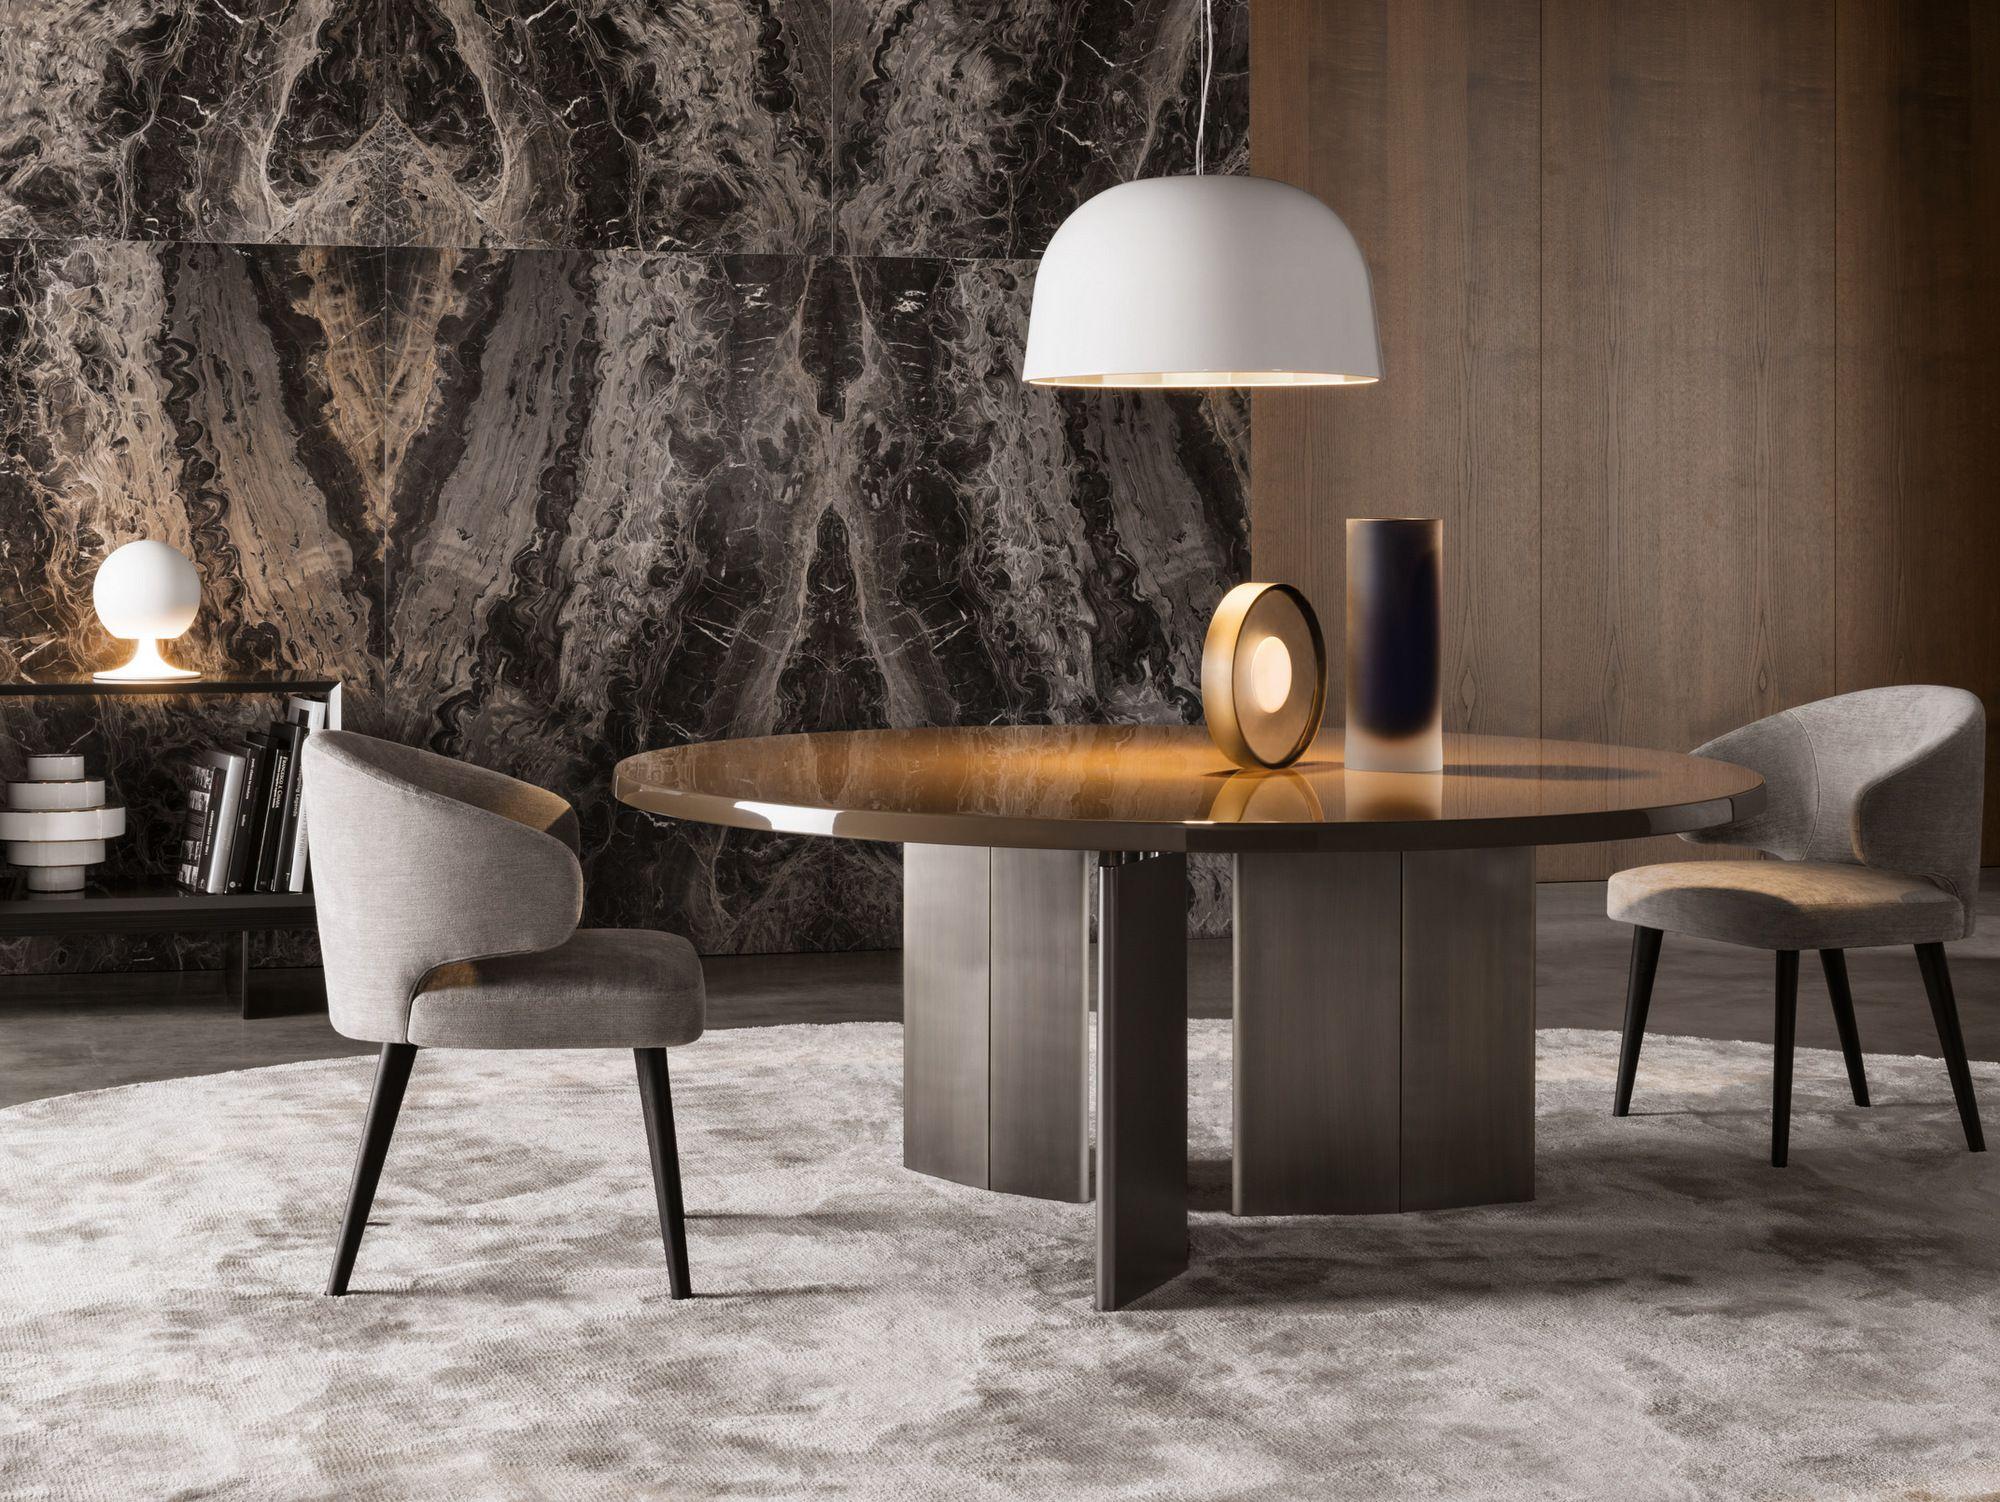 Morgan Round Table By Minotti Design Rodolfo Dordoni Furniture